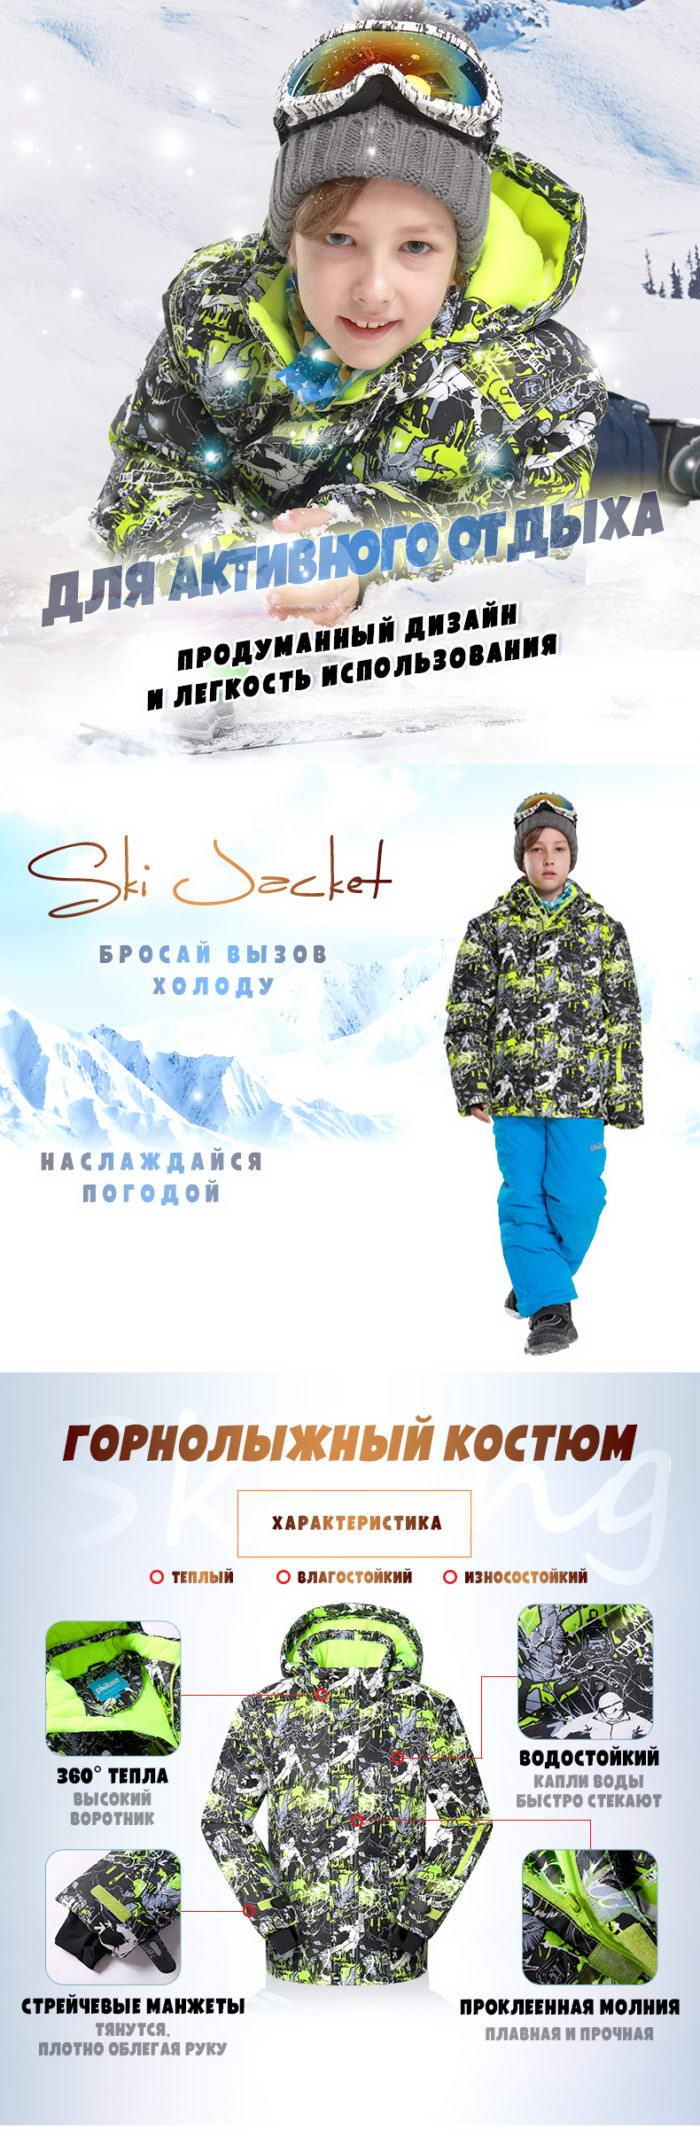 Купить горнолыжный костюм для мальчика